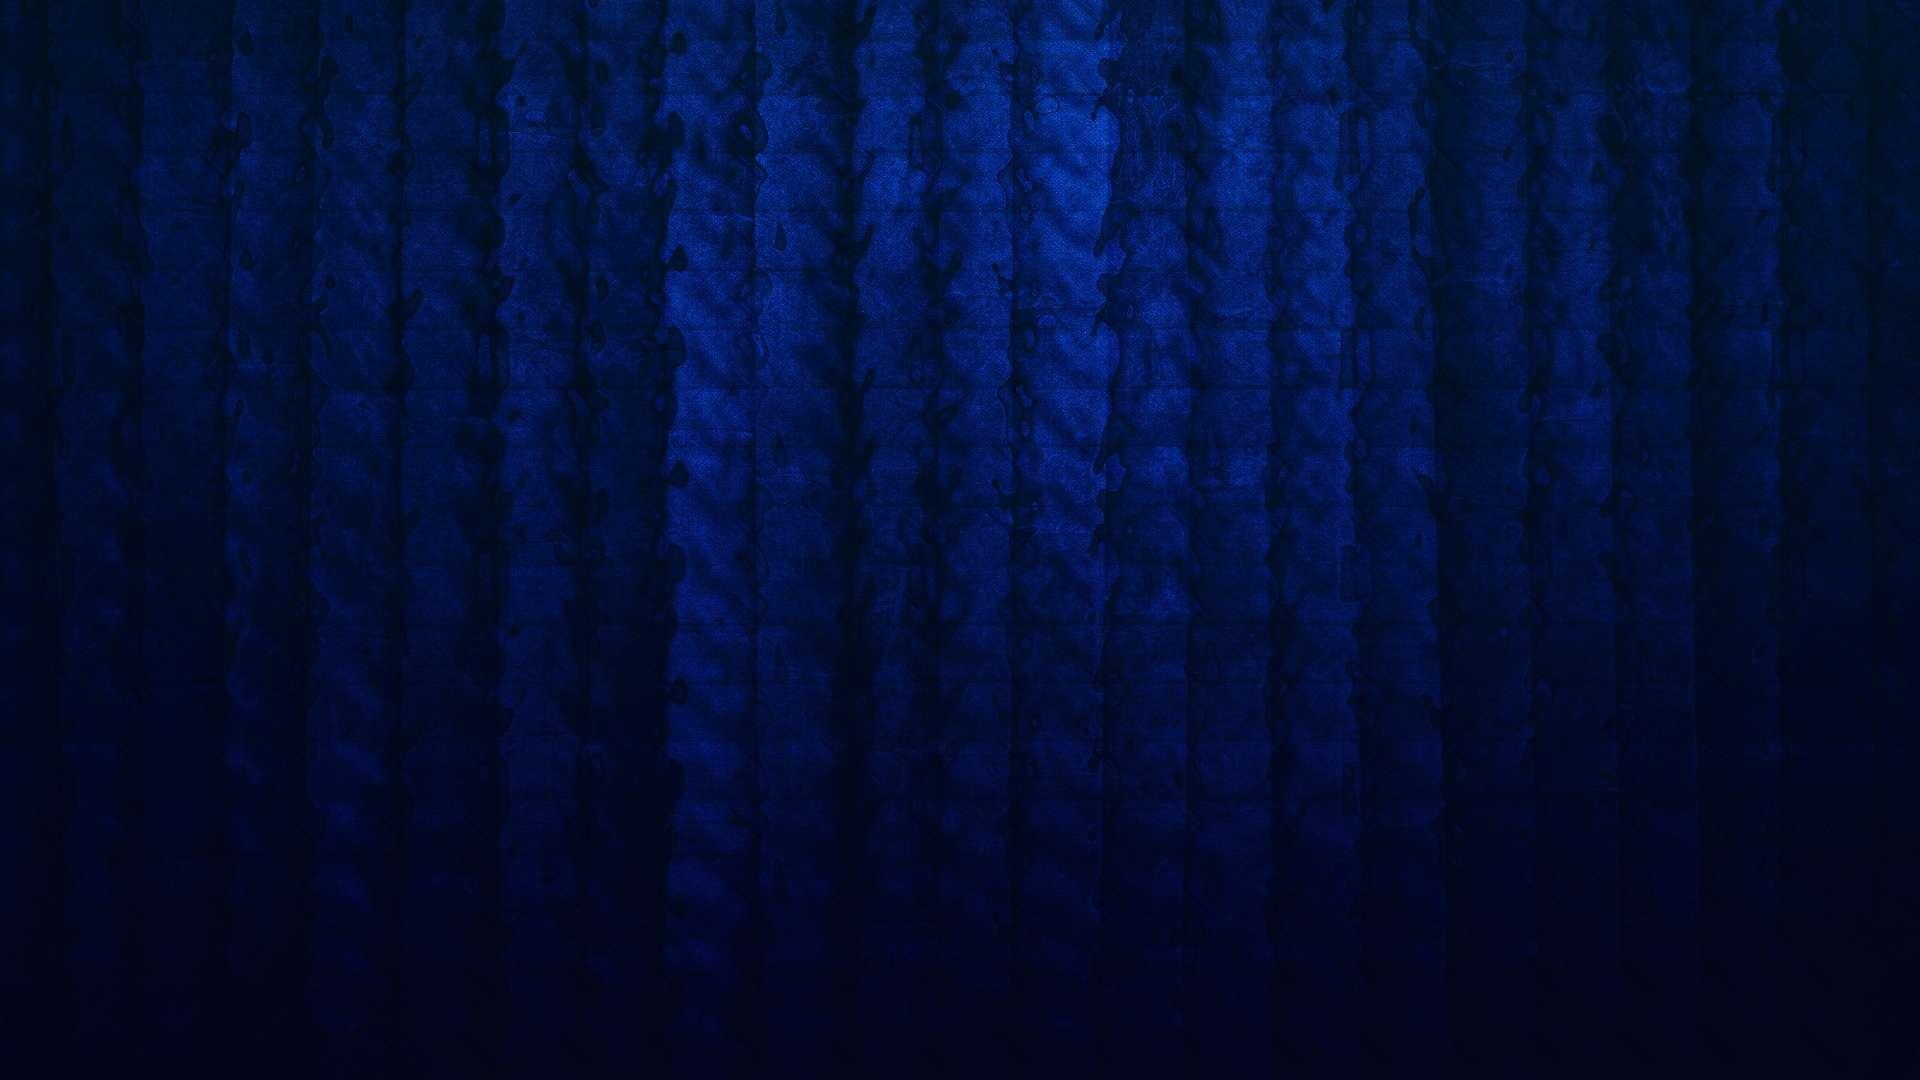 Dark Blue hd Wallpapers 1080p Dark hd Wallpaper 1080p 1920x1080